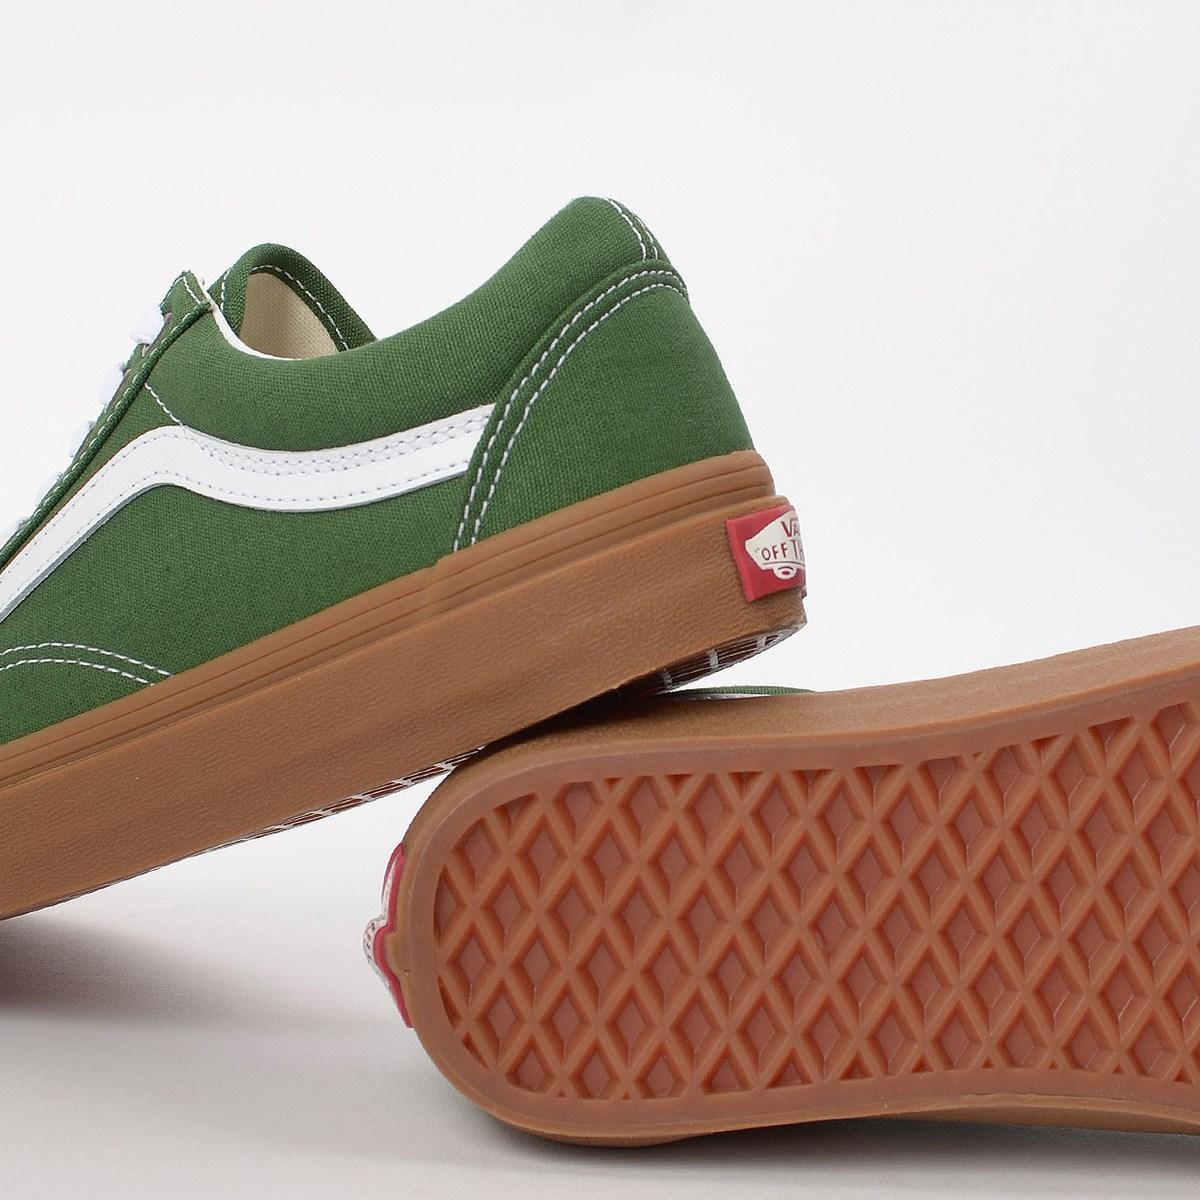 Tênis Vans Old Skool Gum Greener Pastures VN0A4U3BWYY